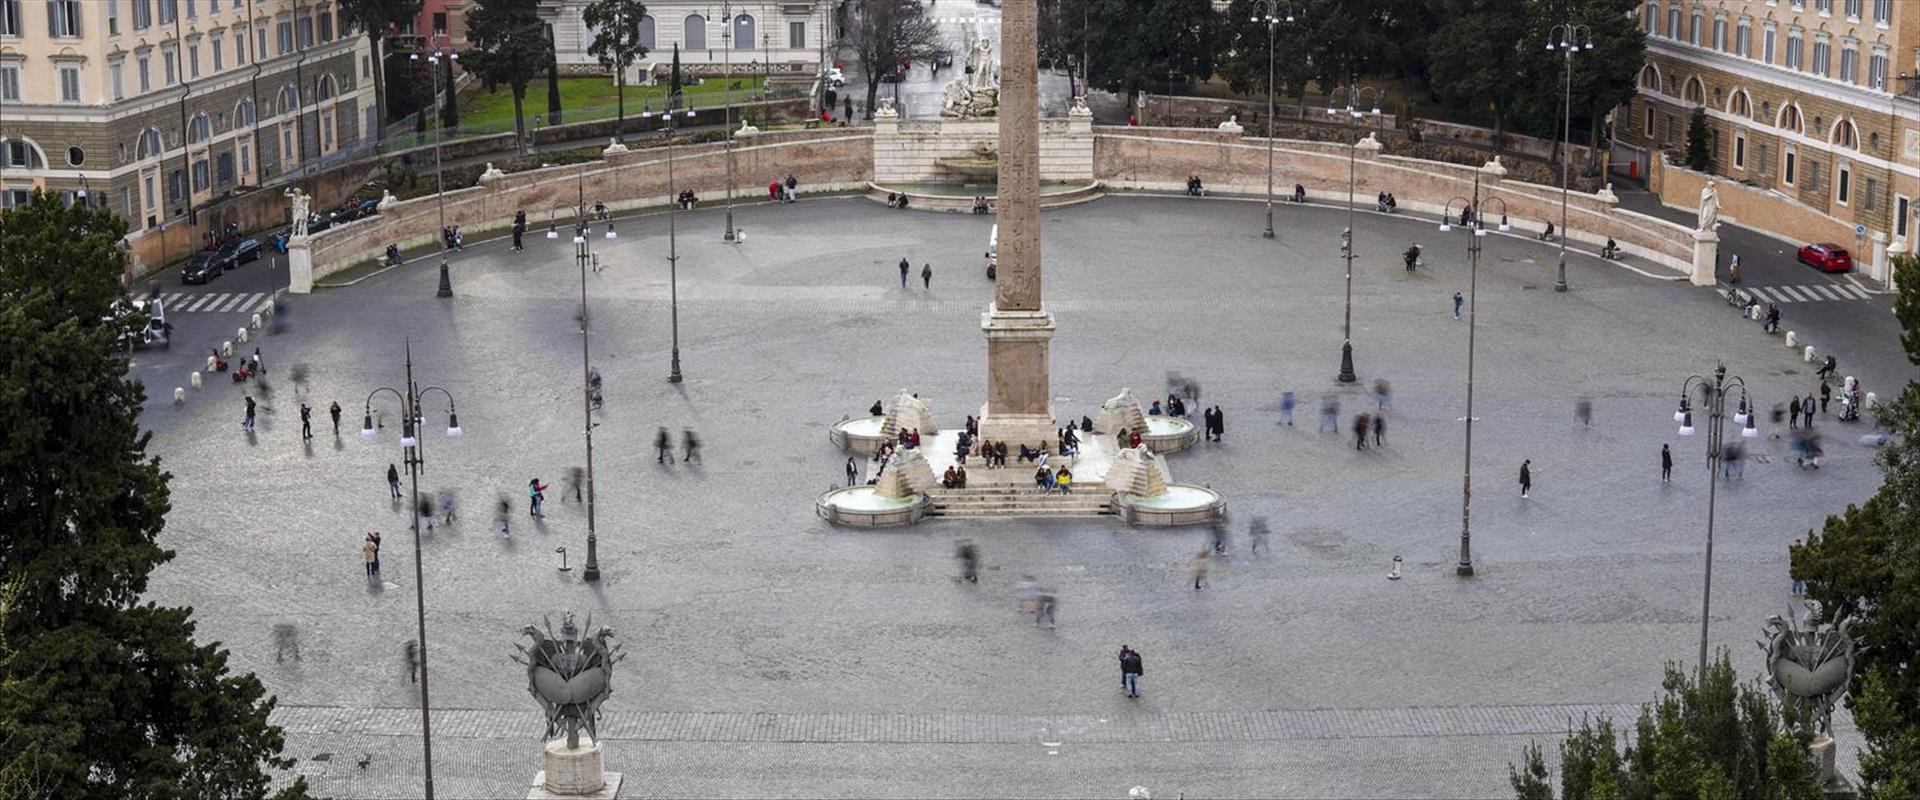 כיכר פיאצה דל פופולו ברומא